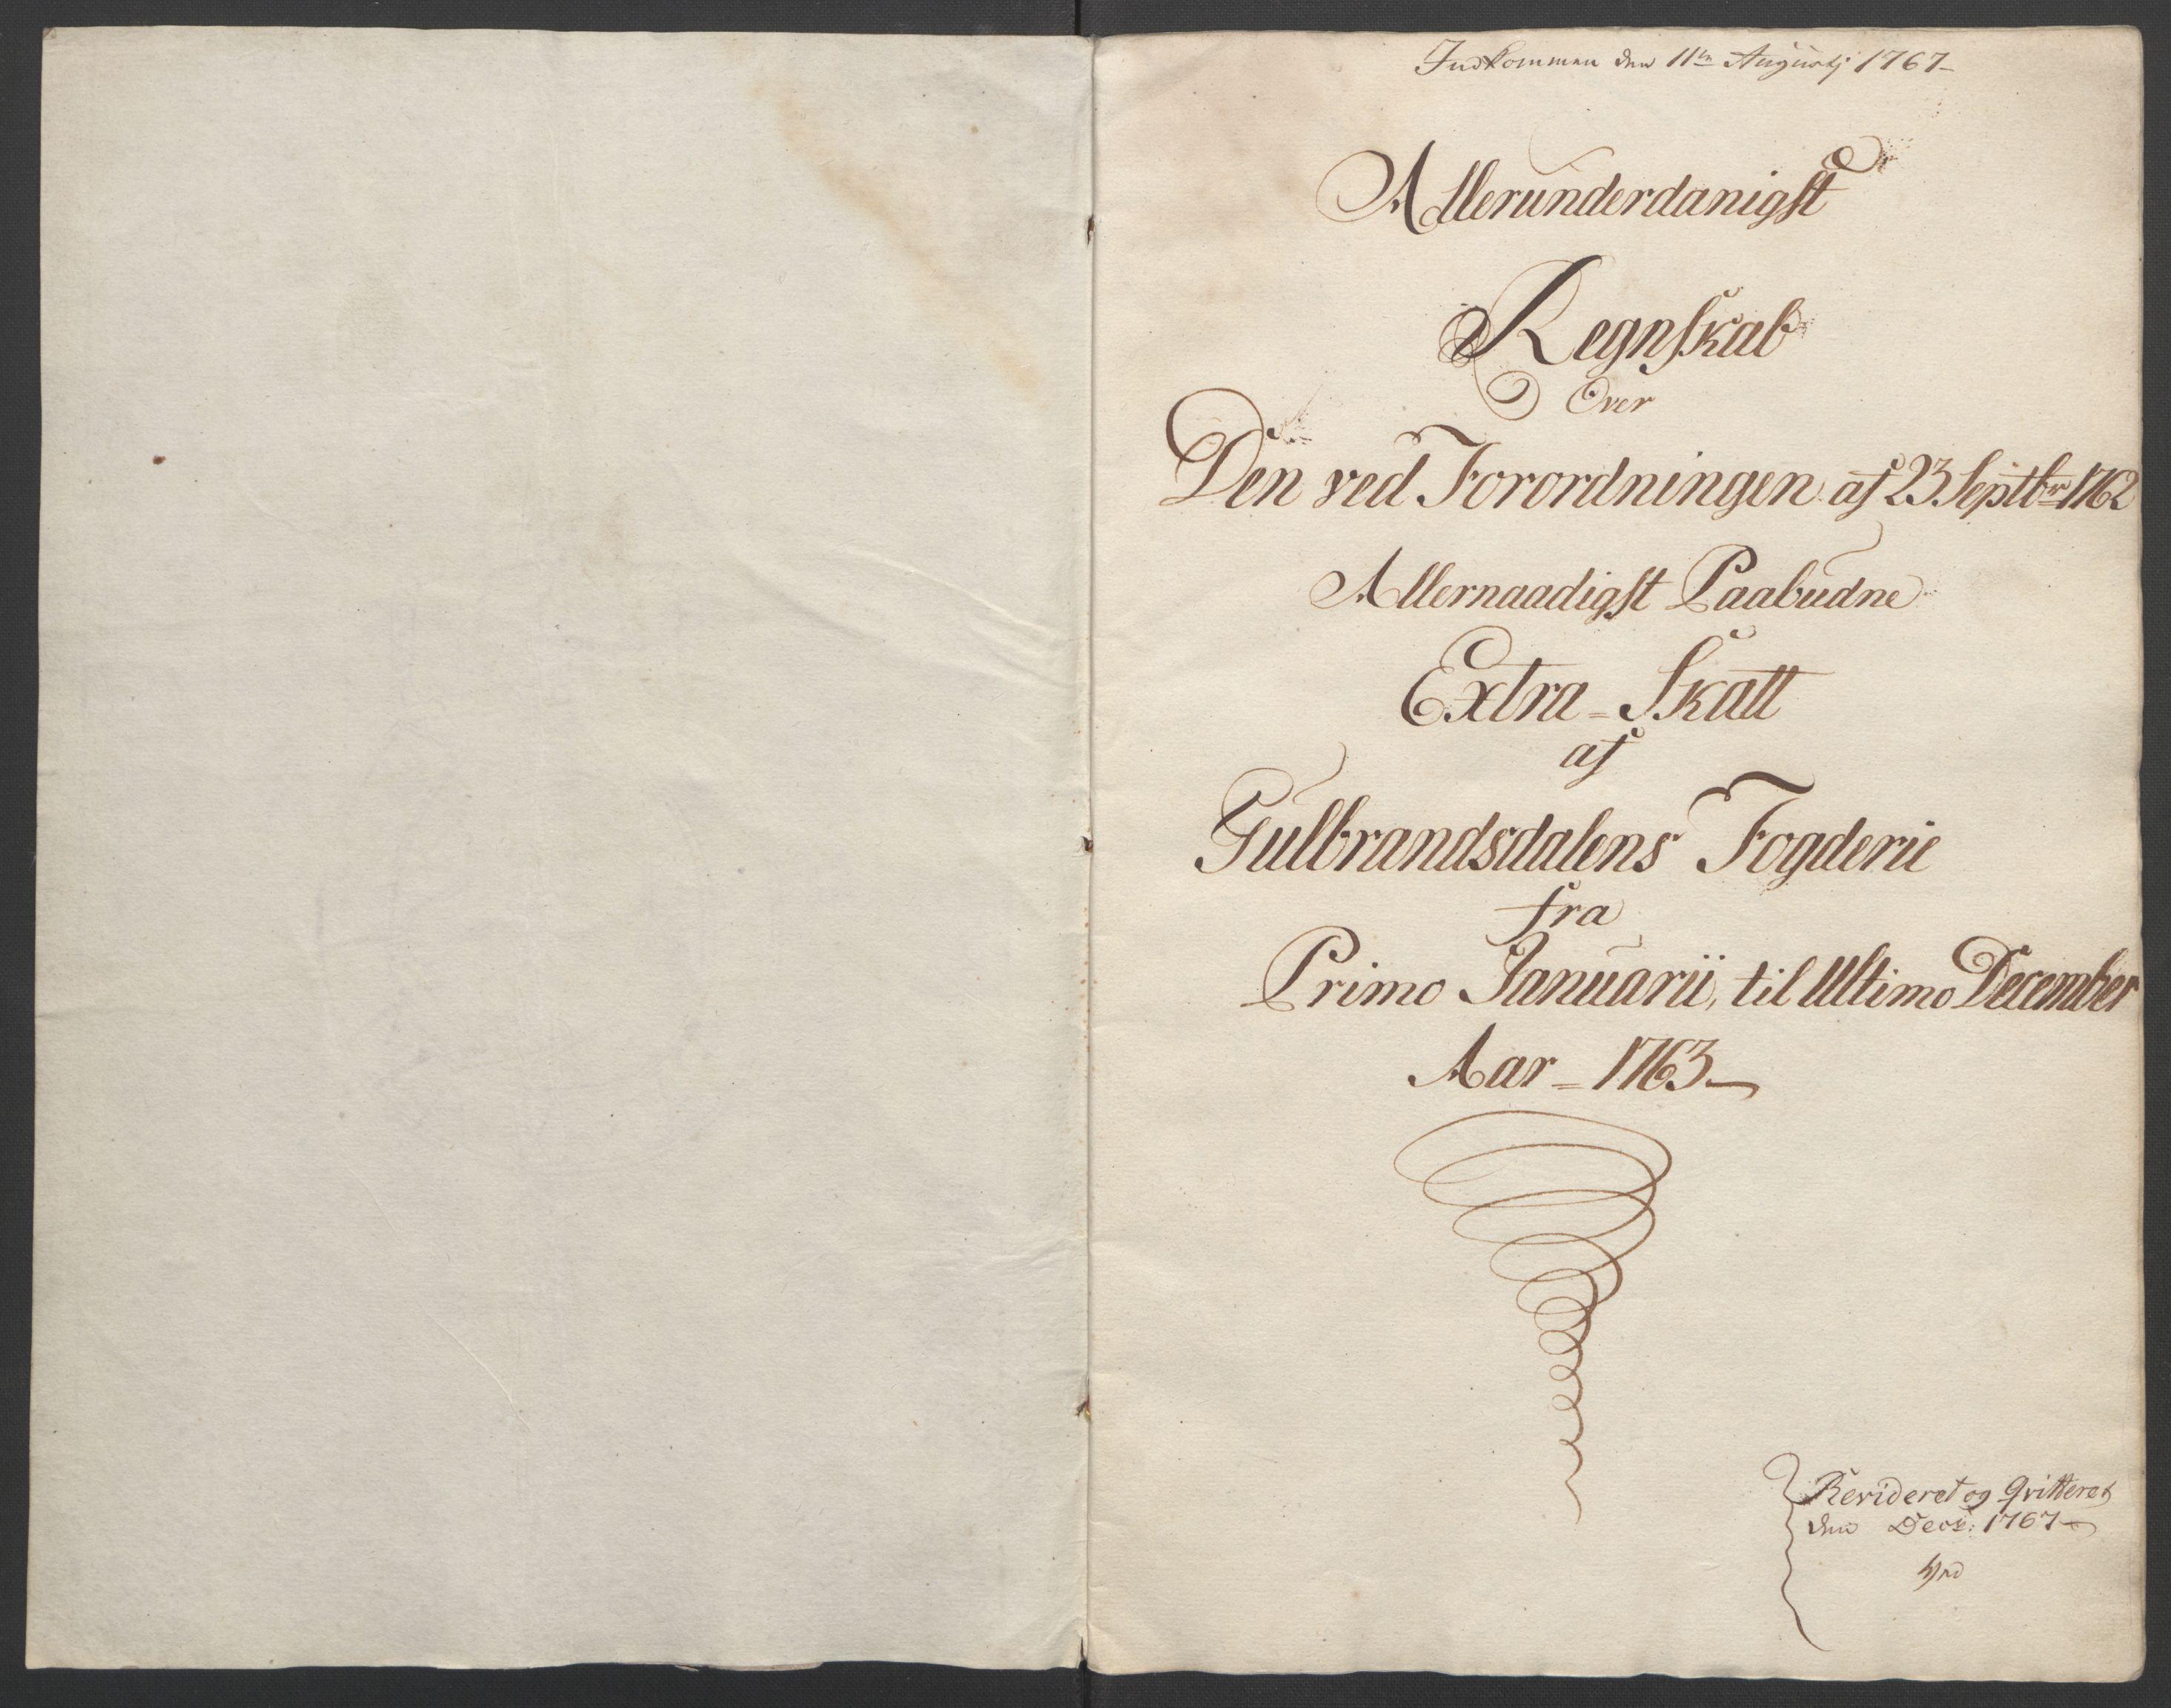 RA, Rentekammeret inntil 1814, Reviderte regnskaper, Fogderegnskap, R17/L1266: Ekstraskatten Gudbrandsdal, 1762-1766, s. 71